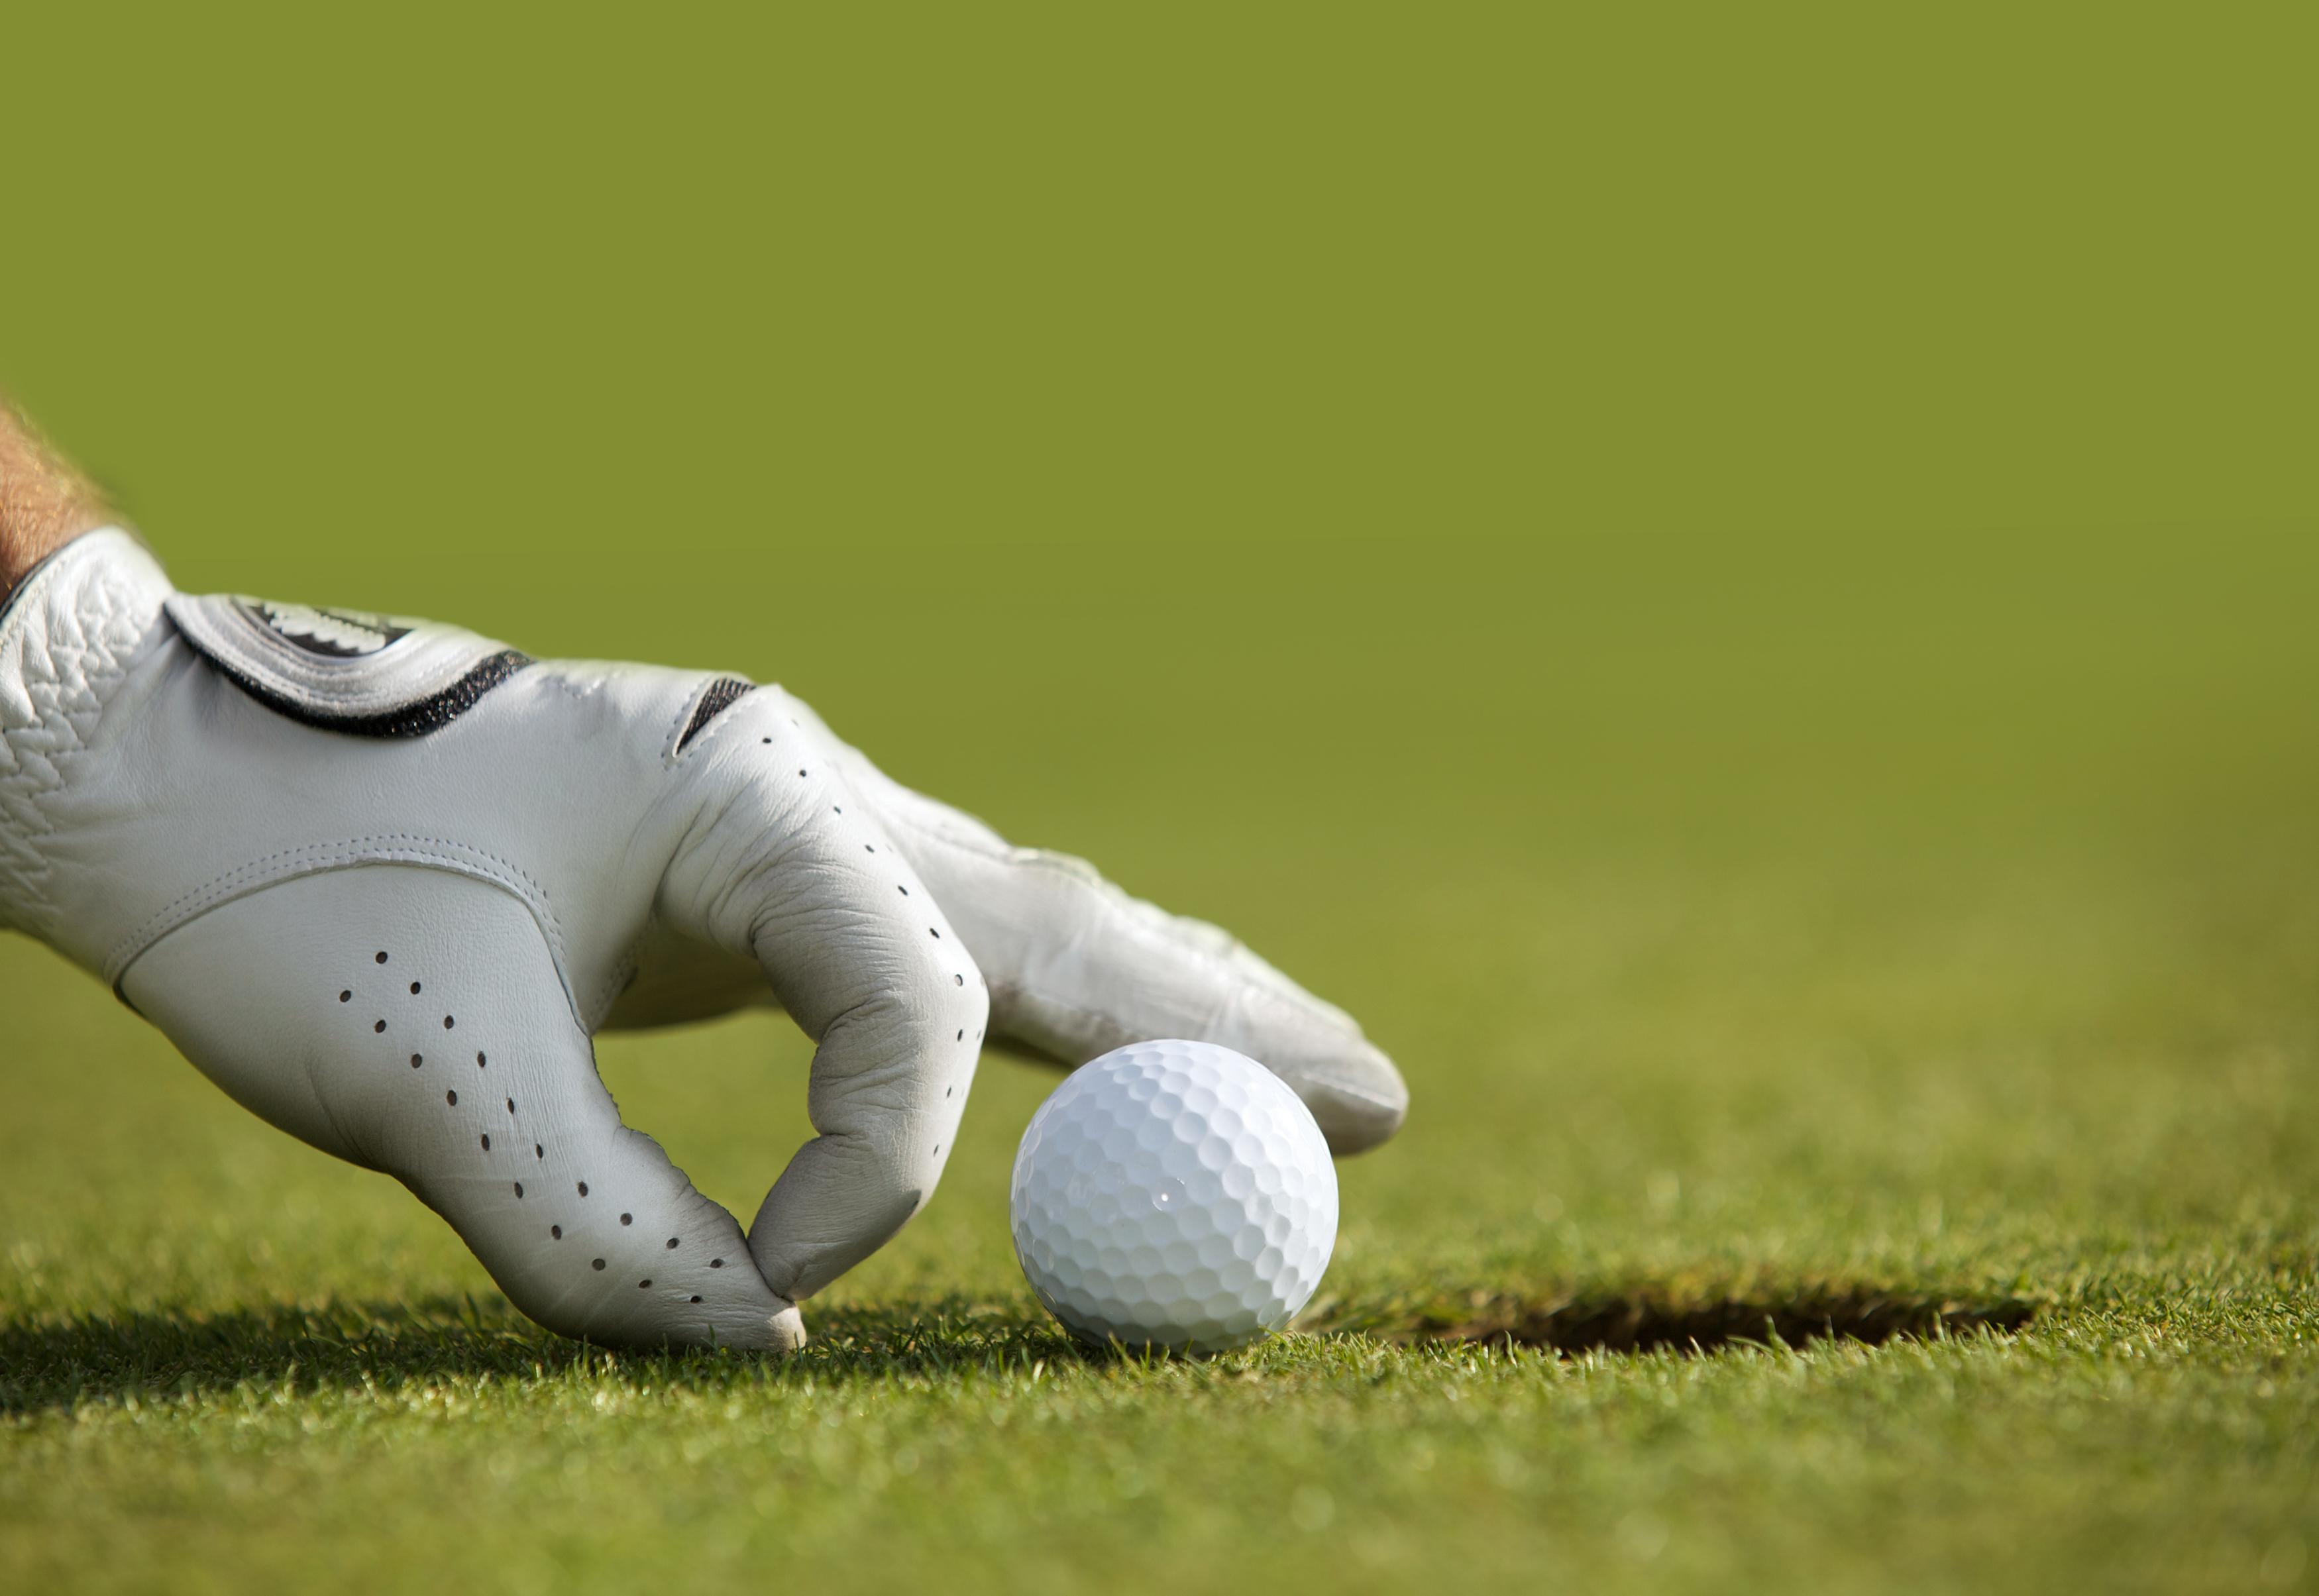 спорт sports гольф Golf  № 3310357 загрузить